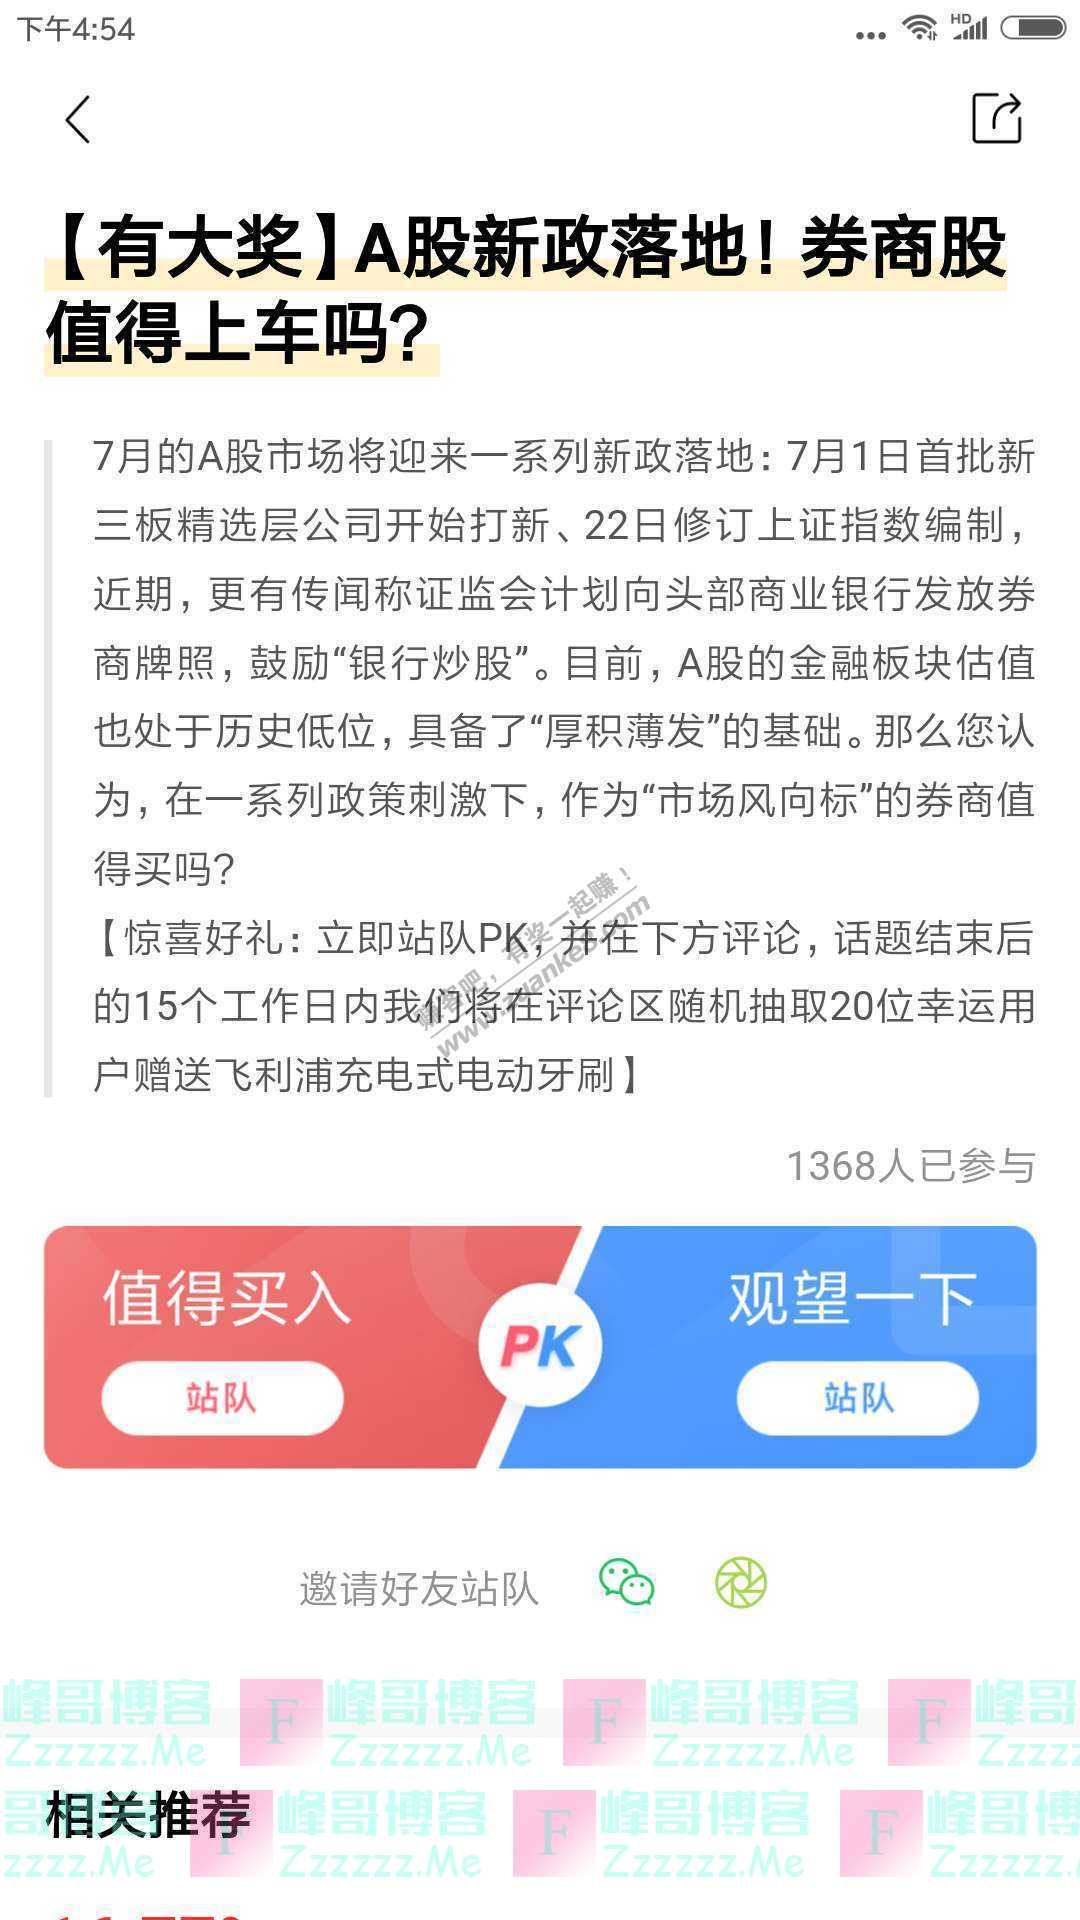 招商银行APPA股新政落地 券商股值得上车吗(截止不详)